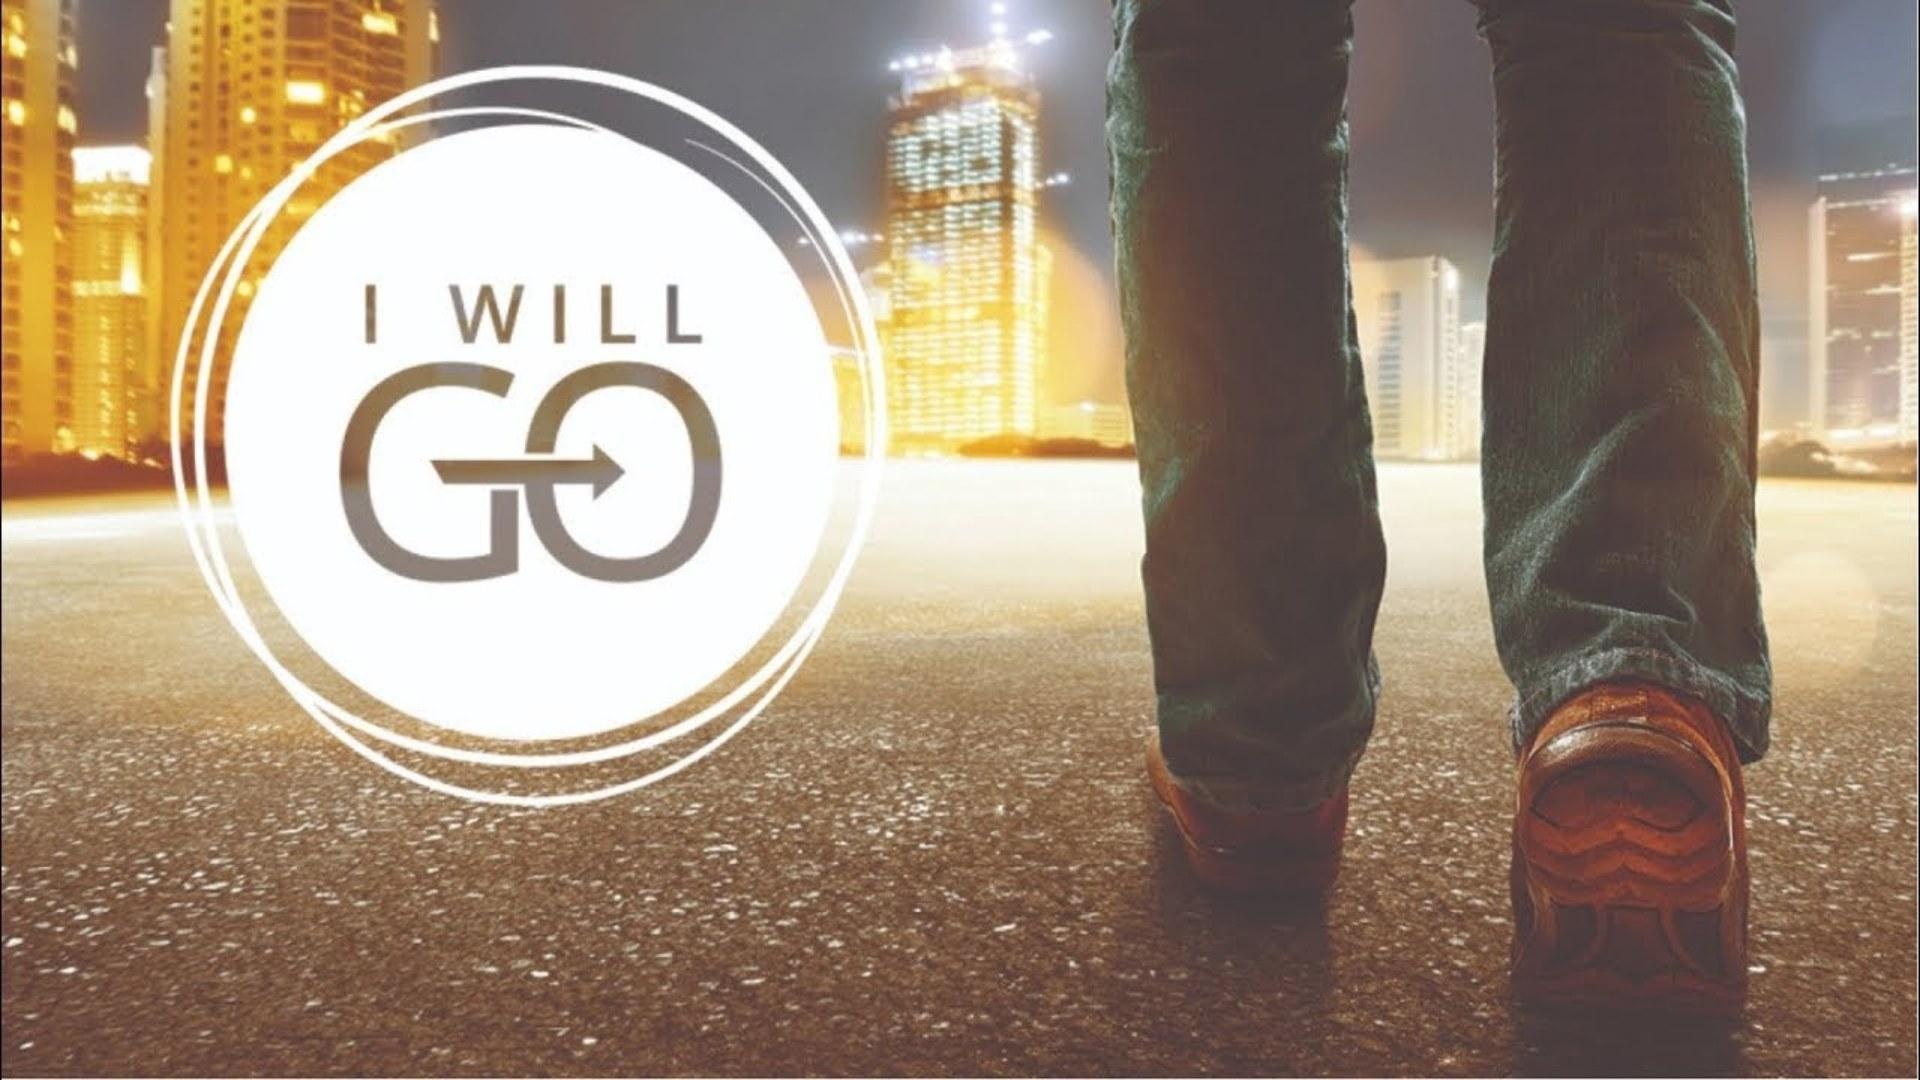 I Will Go – Eccomi manda me